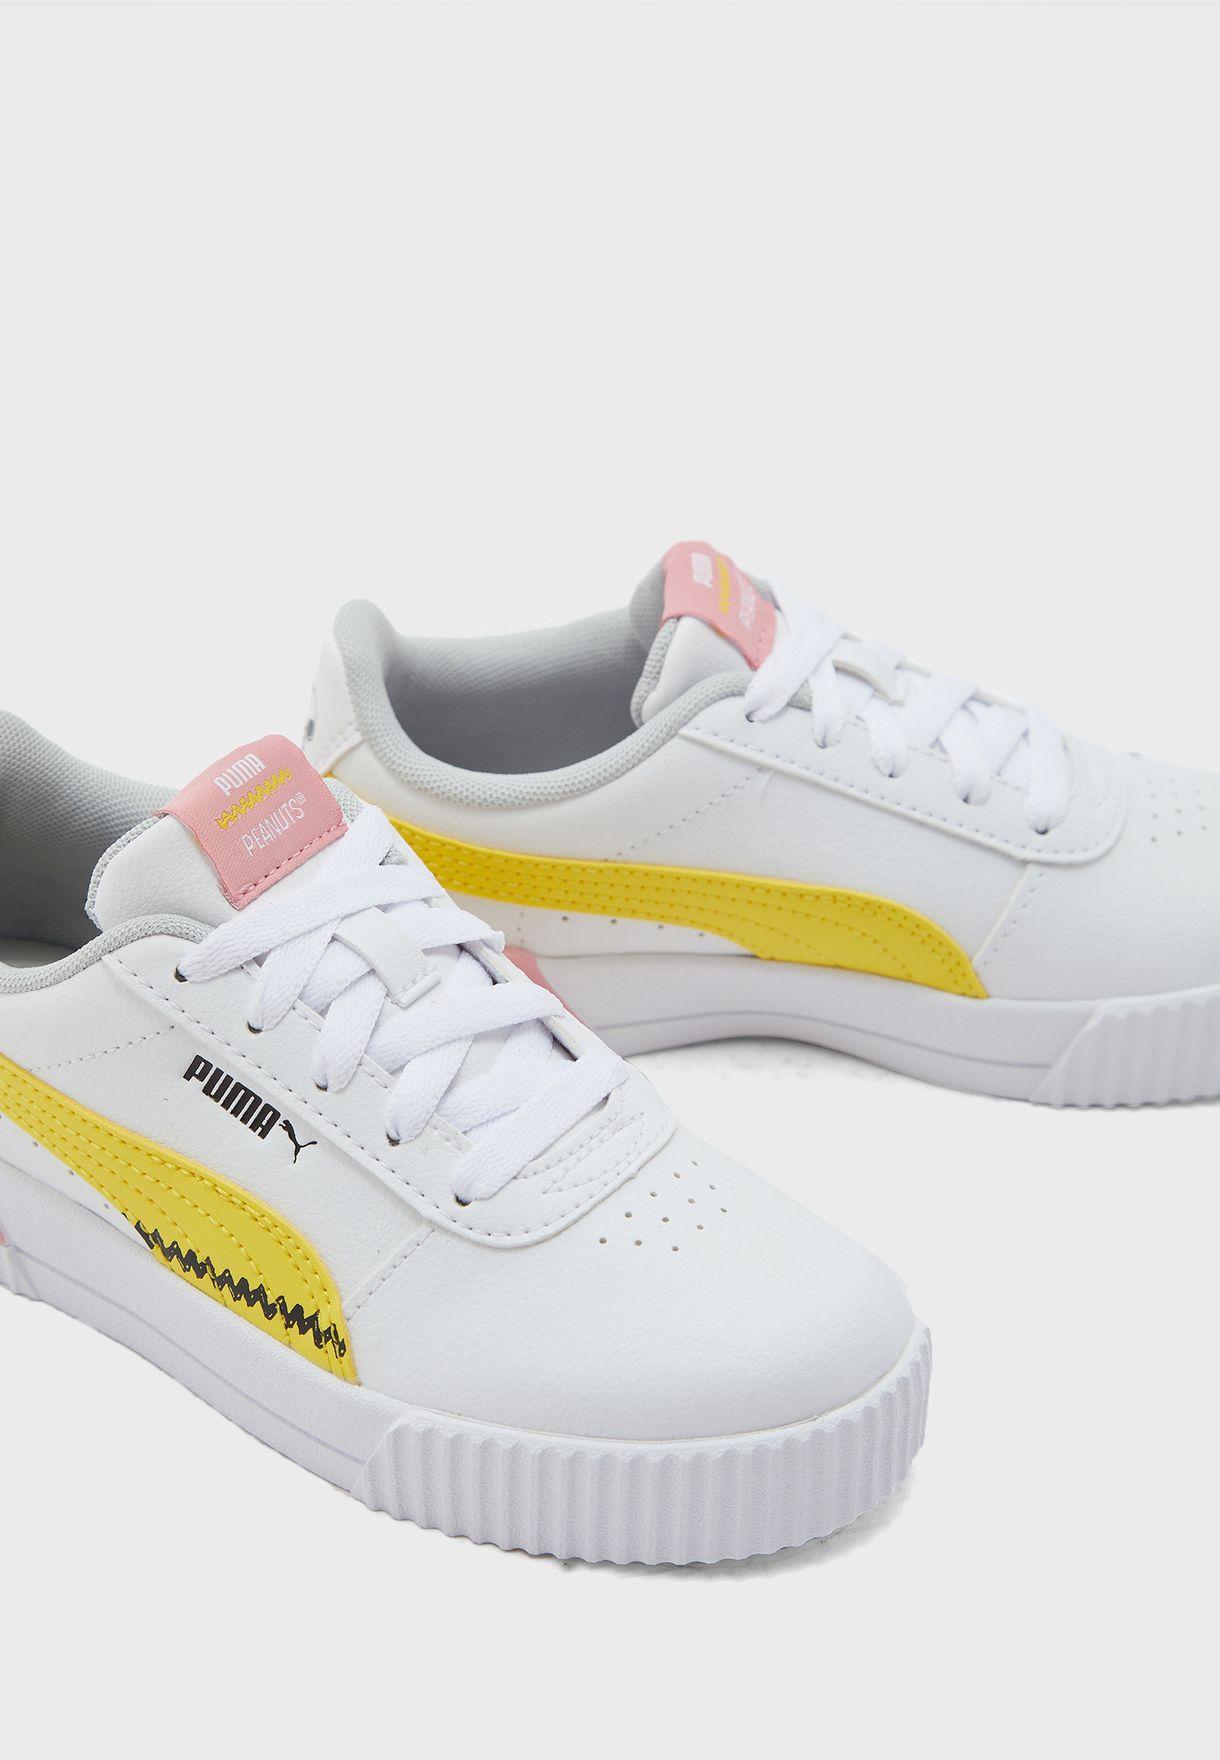 حذاء بينوتس كارينا